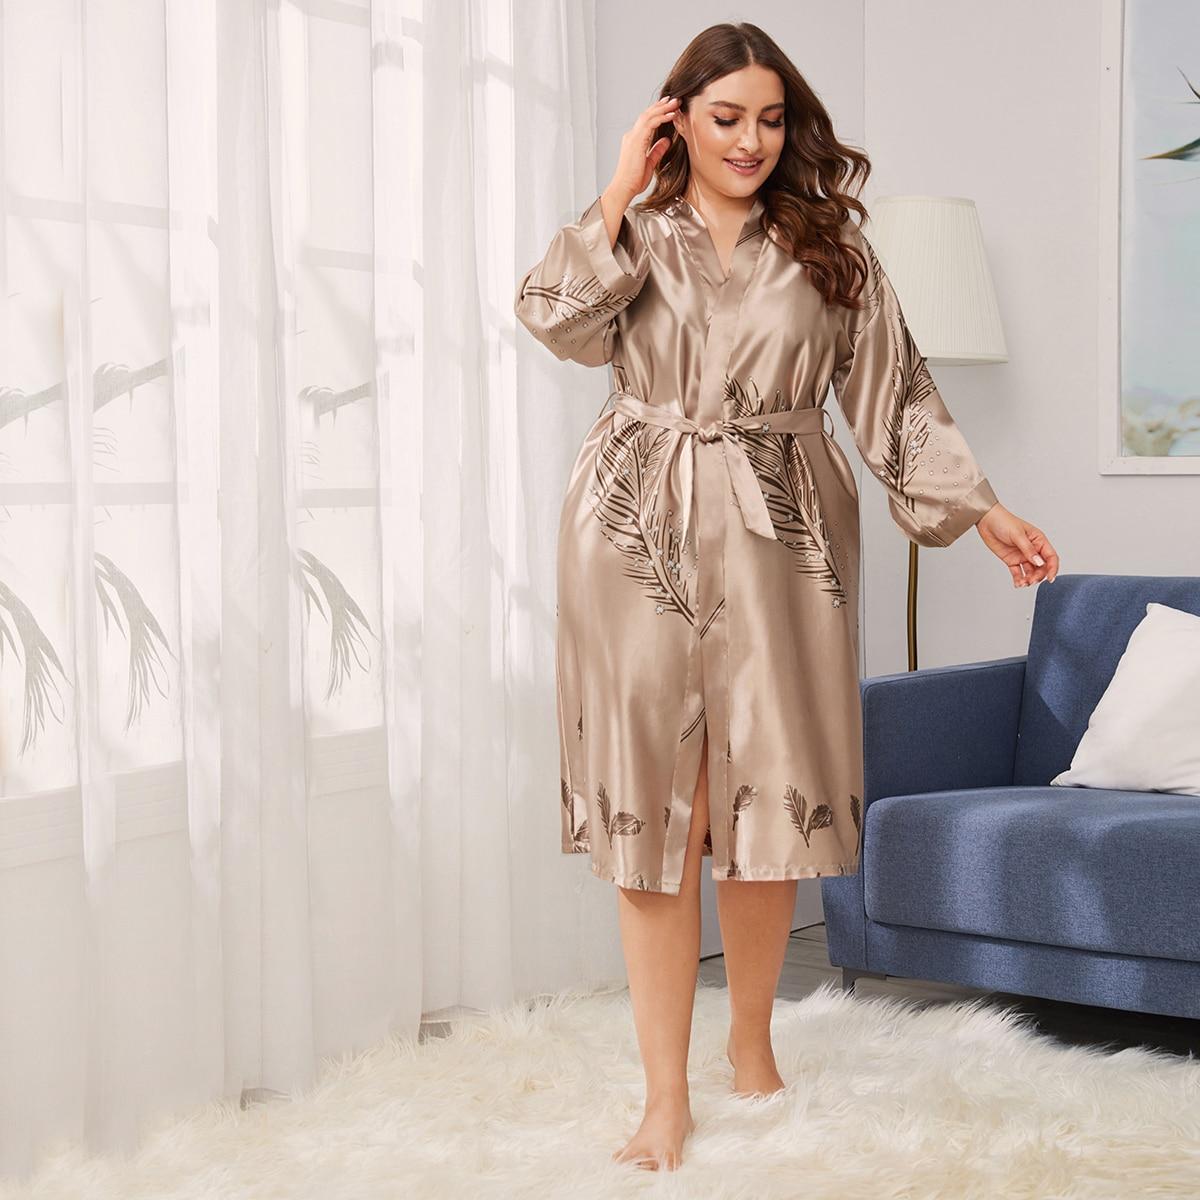 Атласный халат размера плюс с поясом и принтом меха от SHEIN